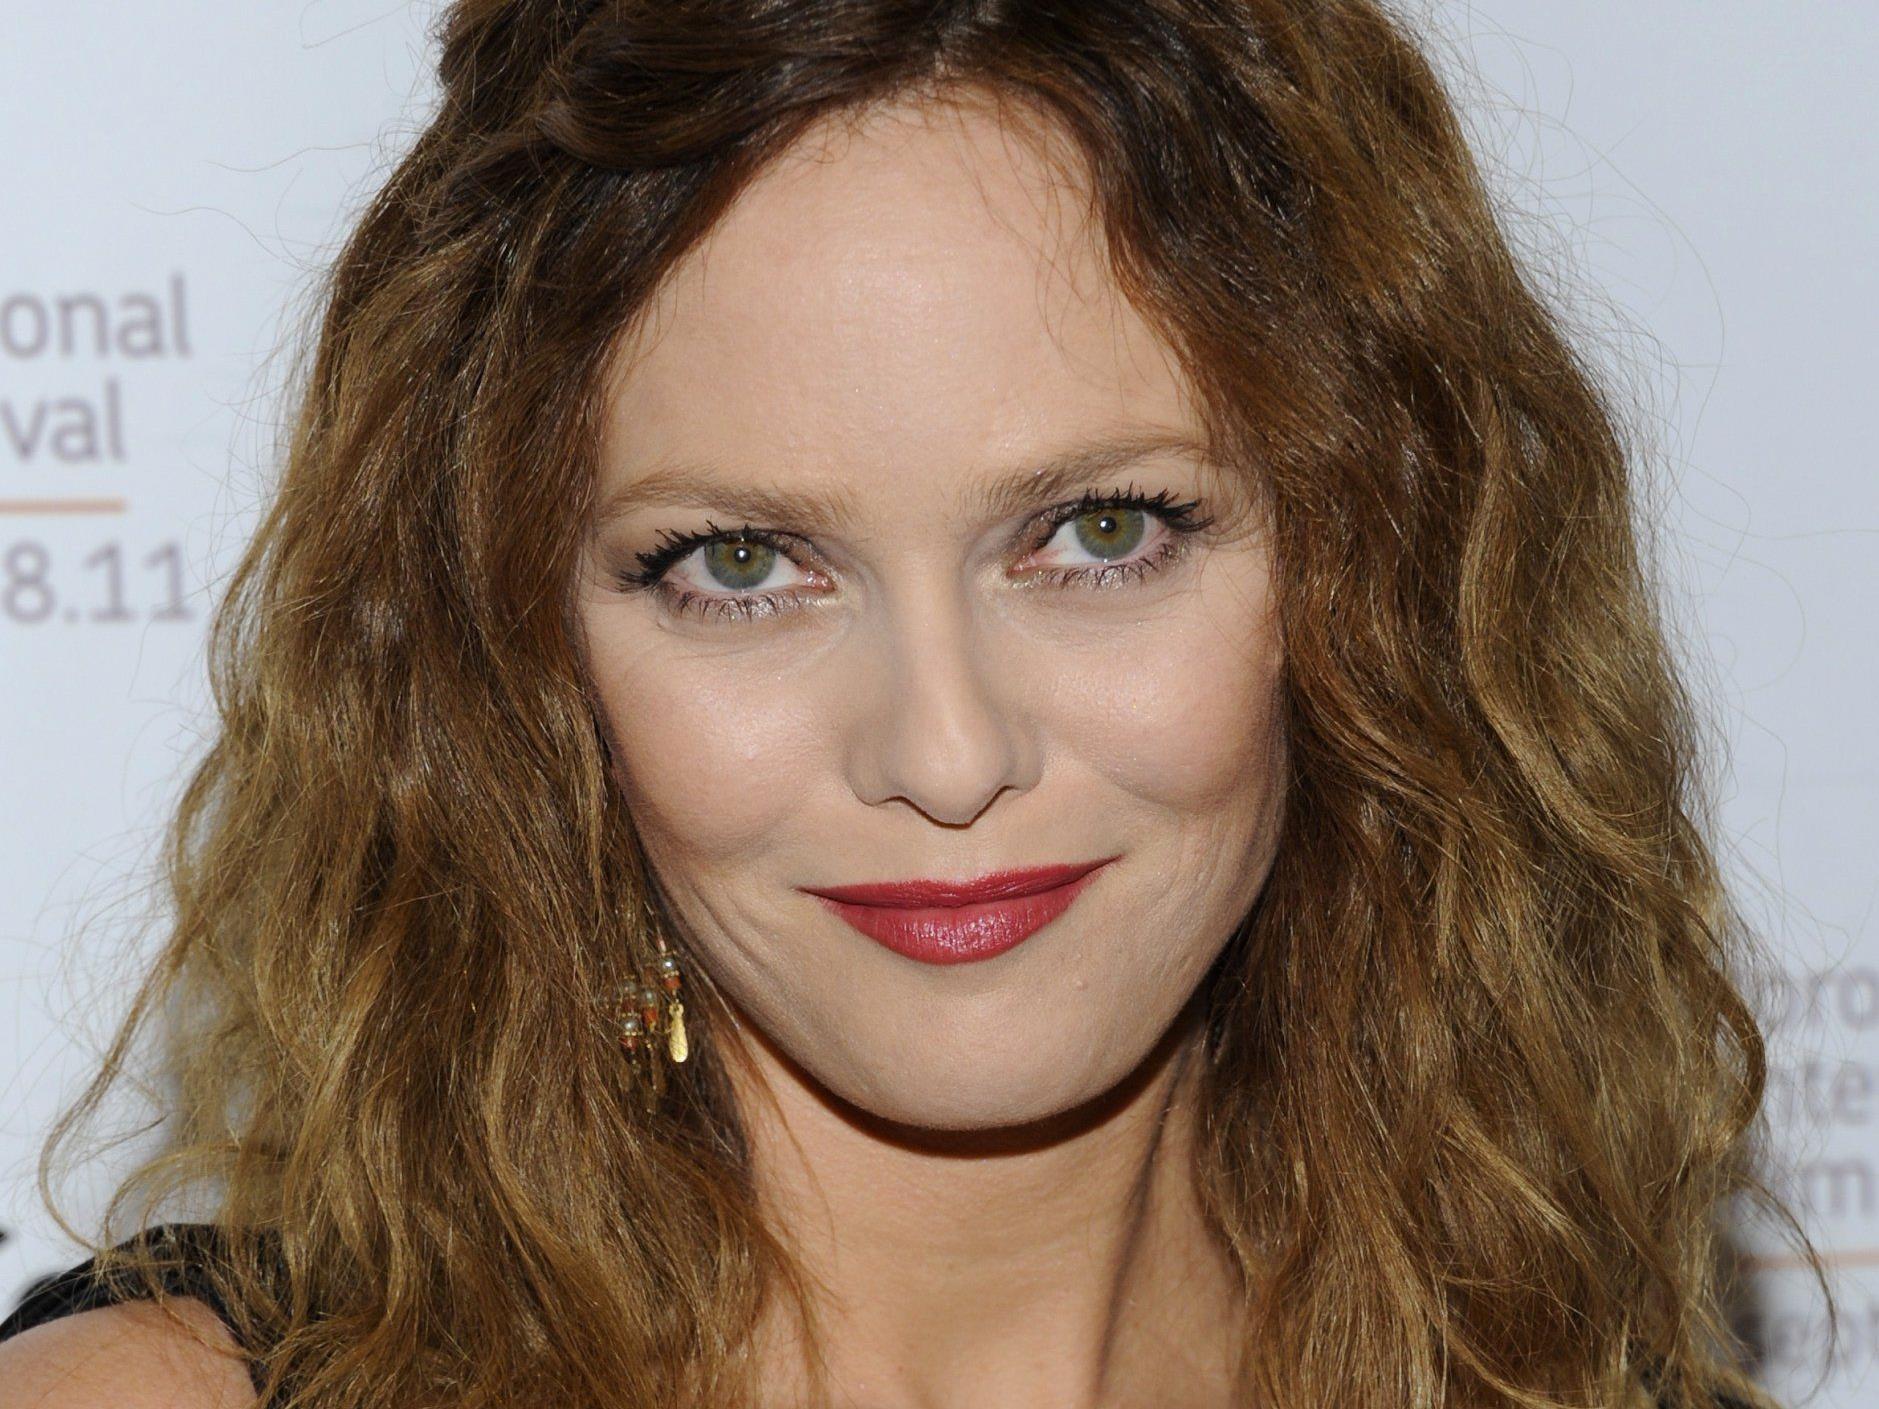 Die französische Sängerin kann die Gerüchte um eine mögliche Trennung von Johnny Depp nur belächeln.